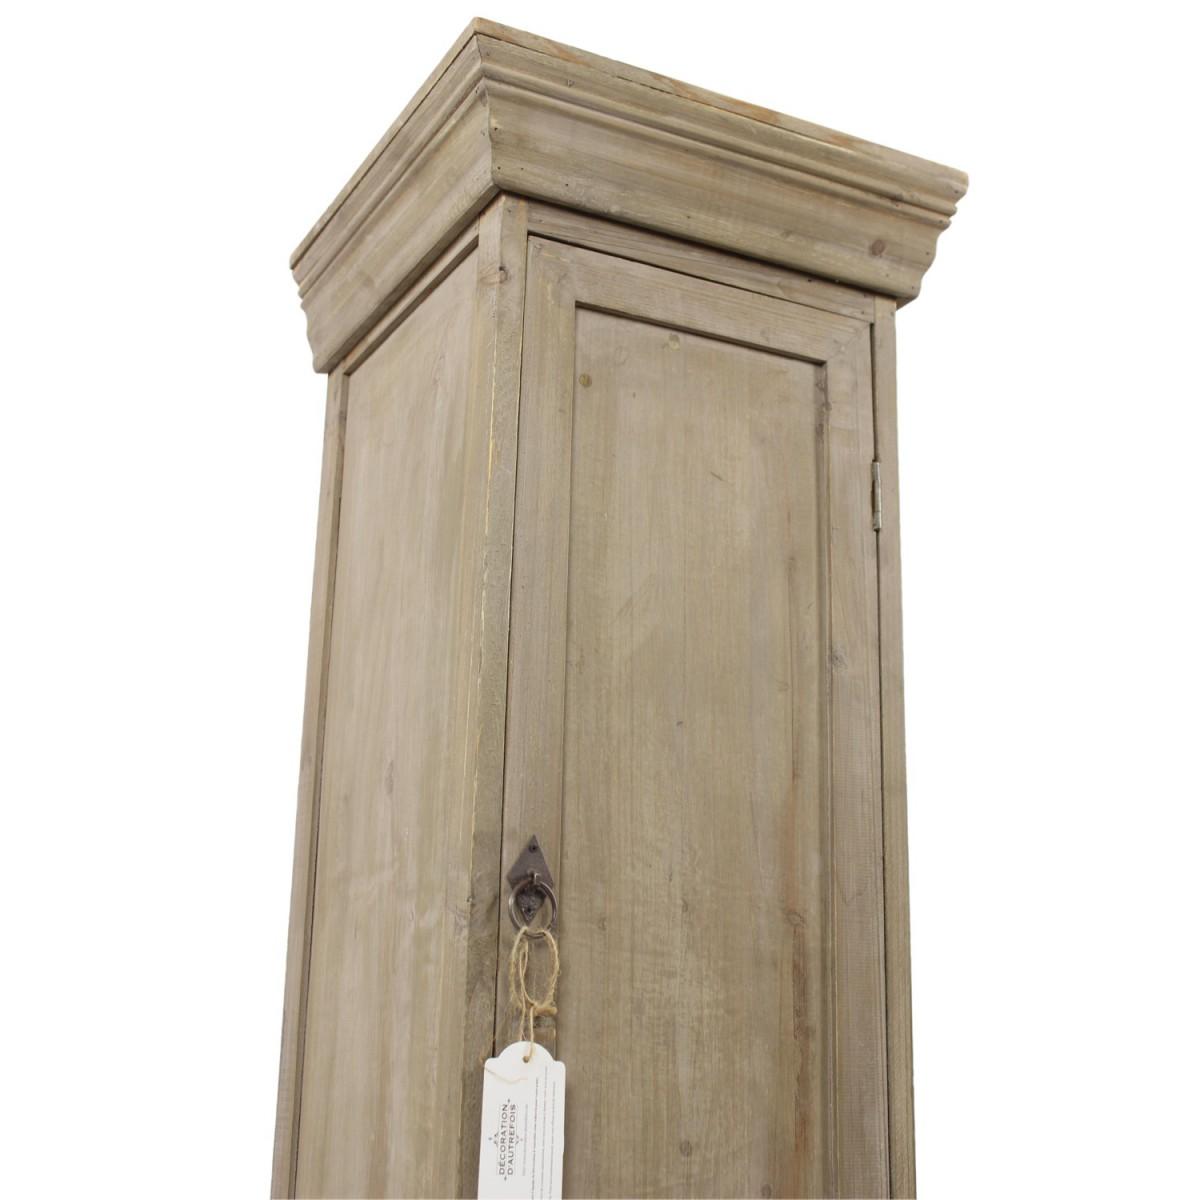 Meuble Bas Rangement Bois 1 Porte 37.5x36x100cm